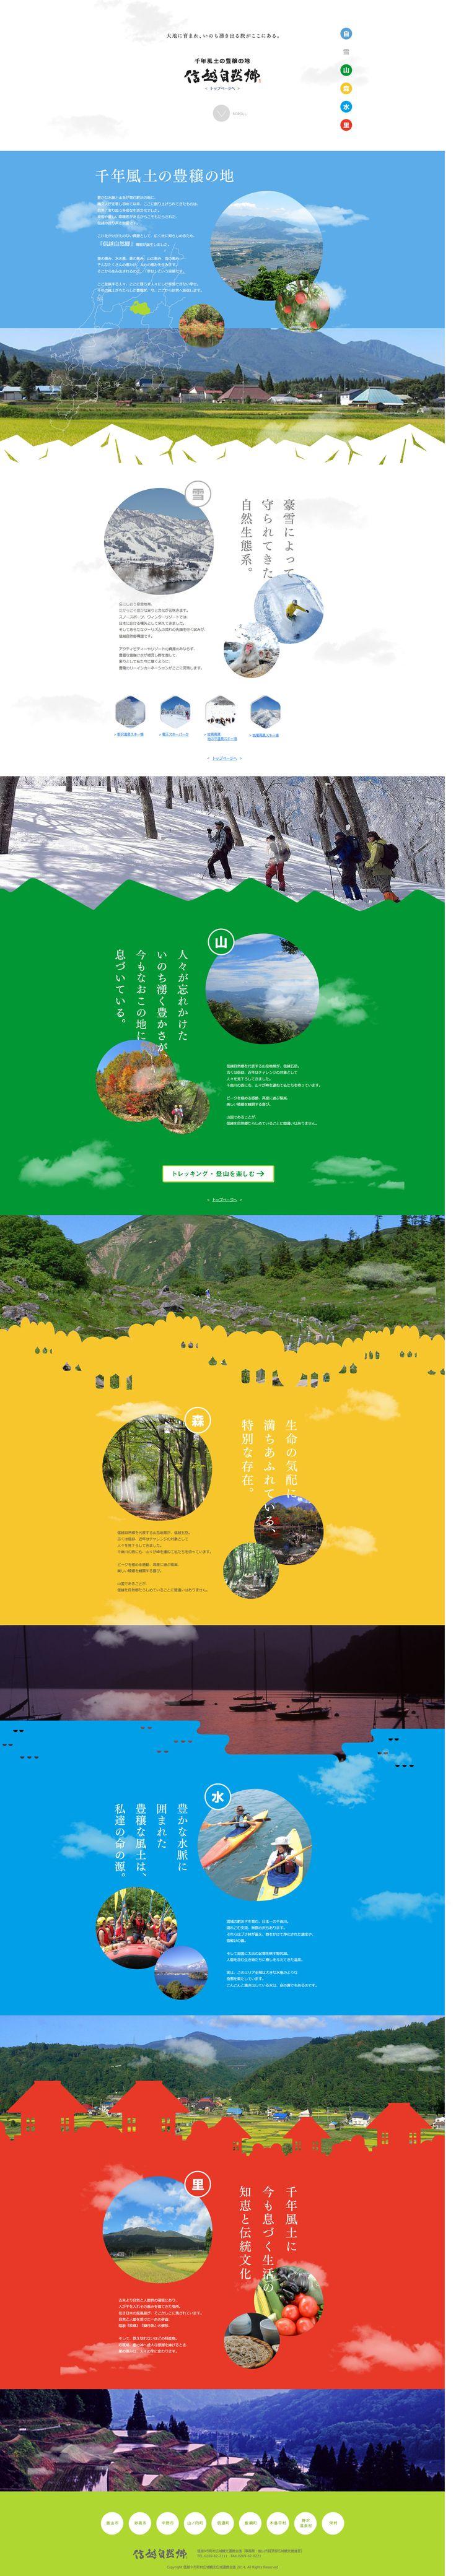 長野県、新潟県を楽しもう!千年風土の豊饒の地 信越自然郷